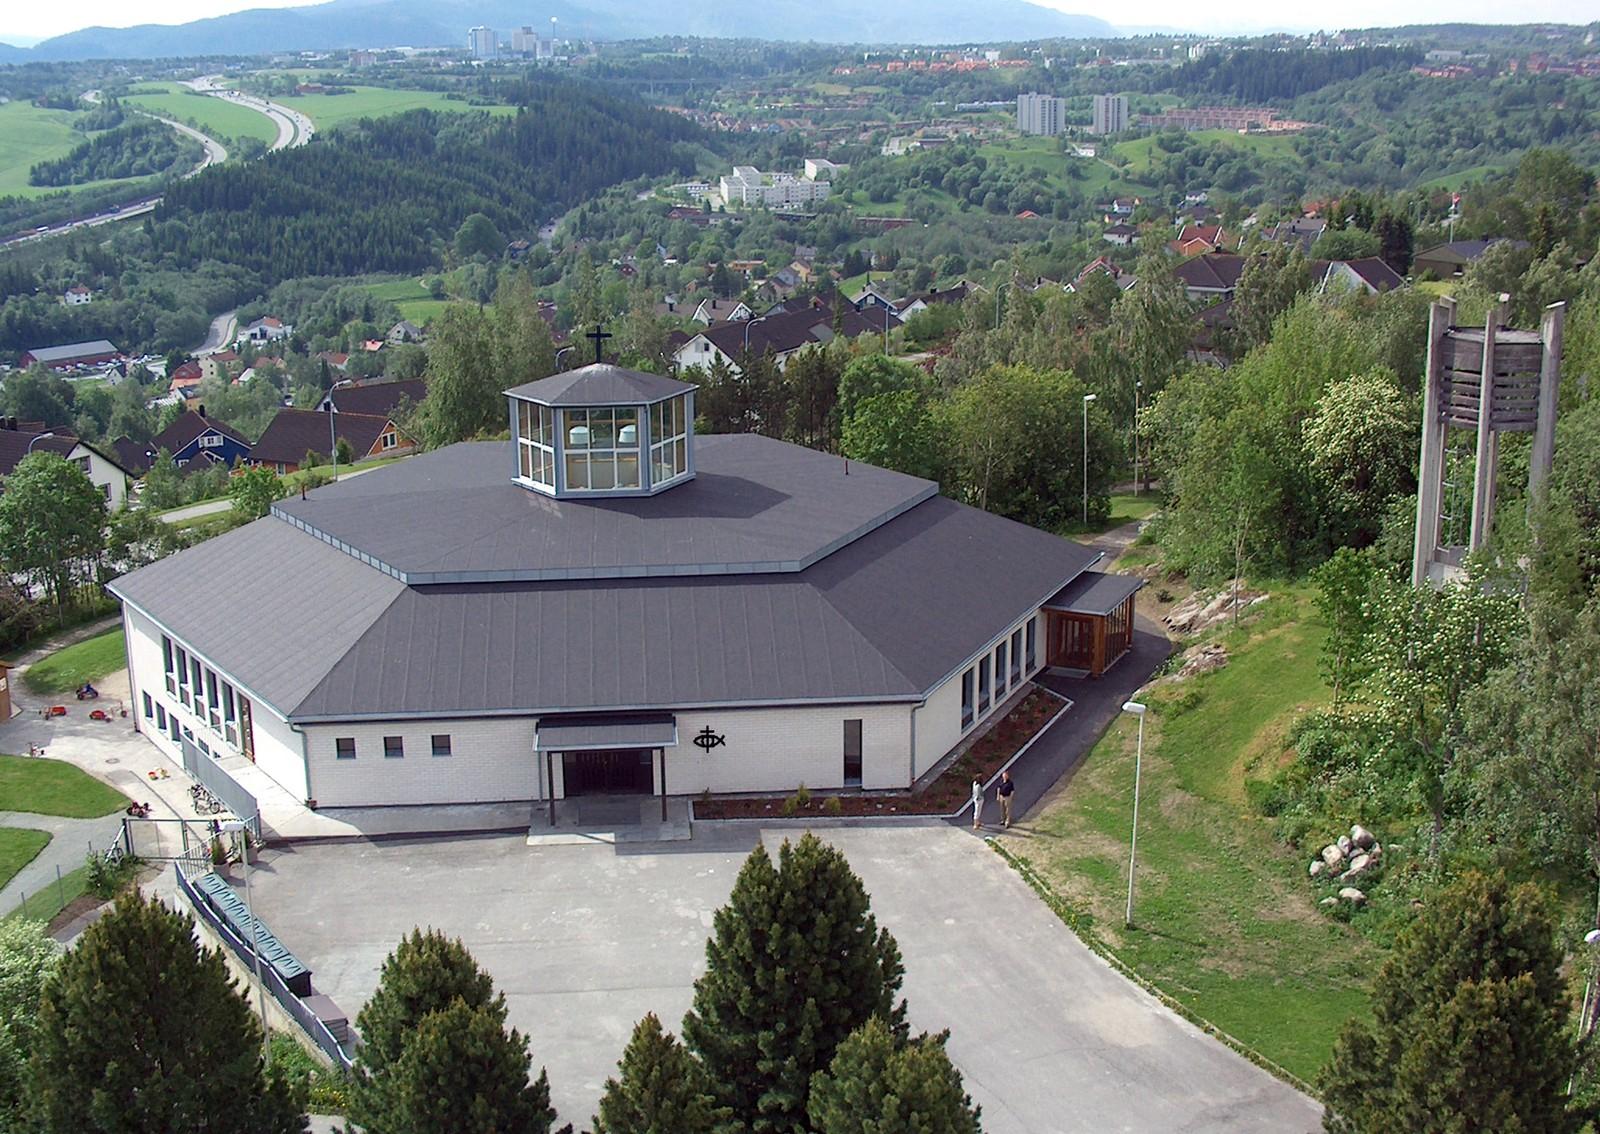 Byåsen kirke ble bygd i 1974 og restaurert i 2006. Kirka har 500 plasser.